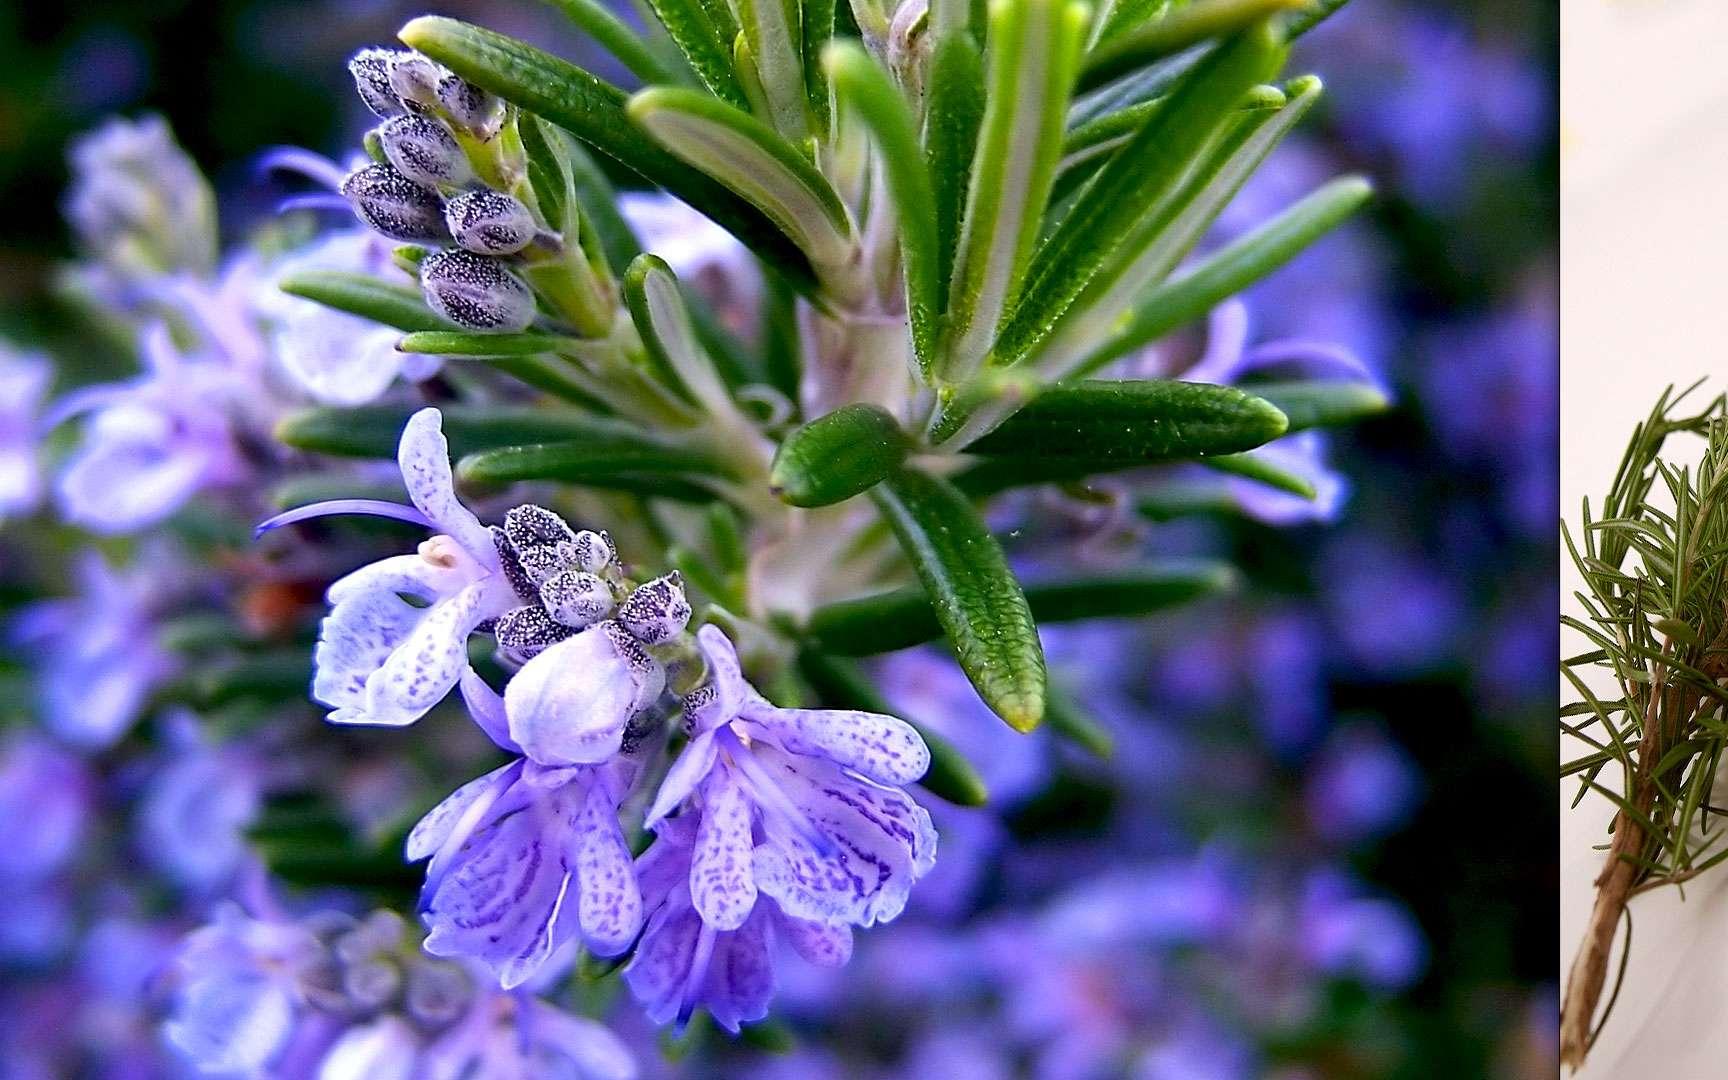 Le romarin officinal, reconnaissable à ses fleurs bleutées, est un arbrisseau de la famille des Lamiacées. Il pousse à l'état sauvage sur le pourtour méditerranéen, dans les garrigues arides et rocailleuses. La plante s'utilise de préférence fraîche mais les fleurs séchées parfument agréablement un plat ou un dessert. Il sert également à aromatiser les grillades ou à rehausser les ragoûts, les civets, les soupes ou les sauces. Le romarin est mellifère et contient plusieurs agents actifs antimycosiques, antibactériens et antioxydants. Il est également utilisé en parfumerie depuis le XIVe siècle. © Cyclonebill, CC by-sa 2.0 et Tony Hisgett, CC by 2.0